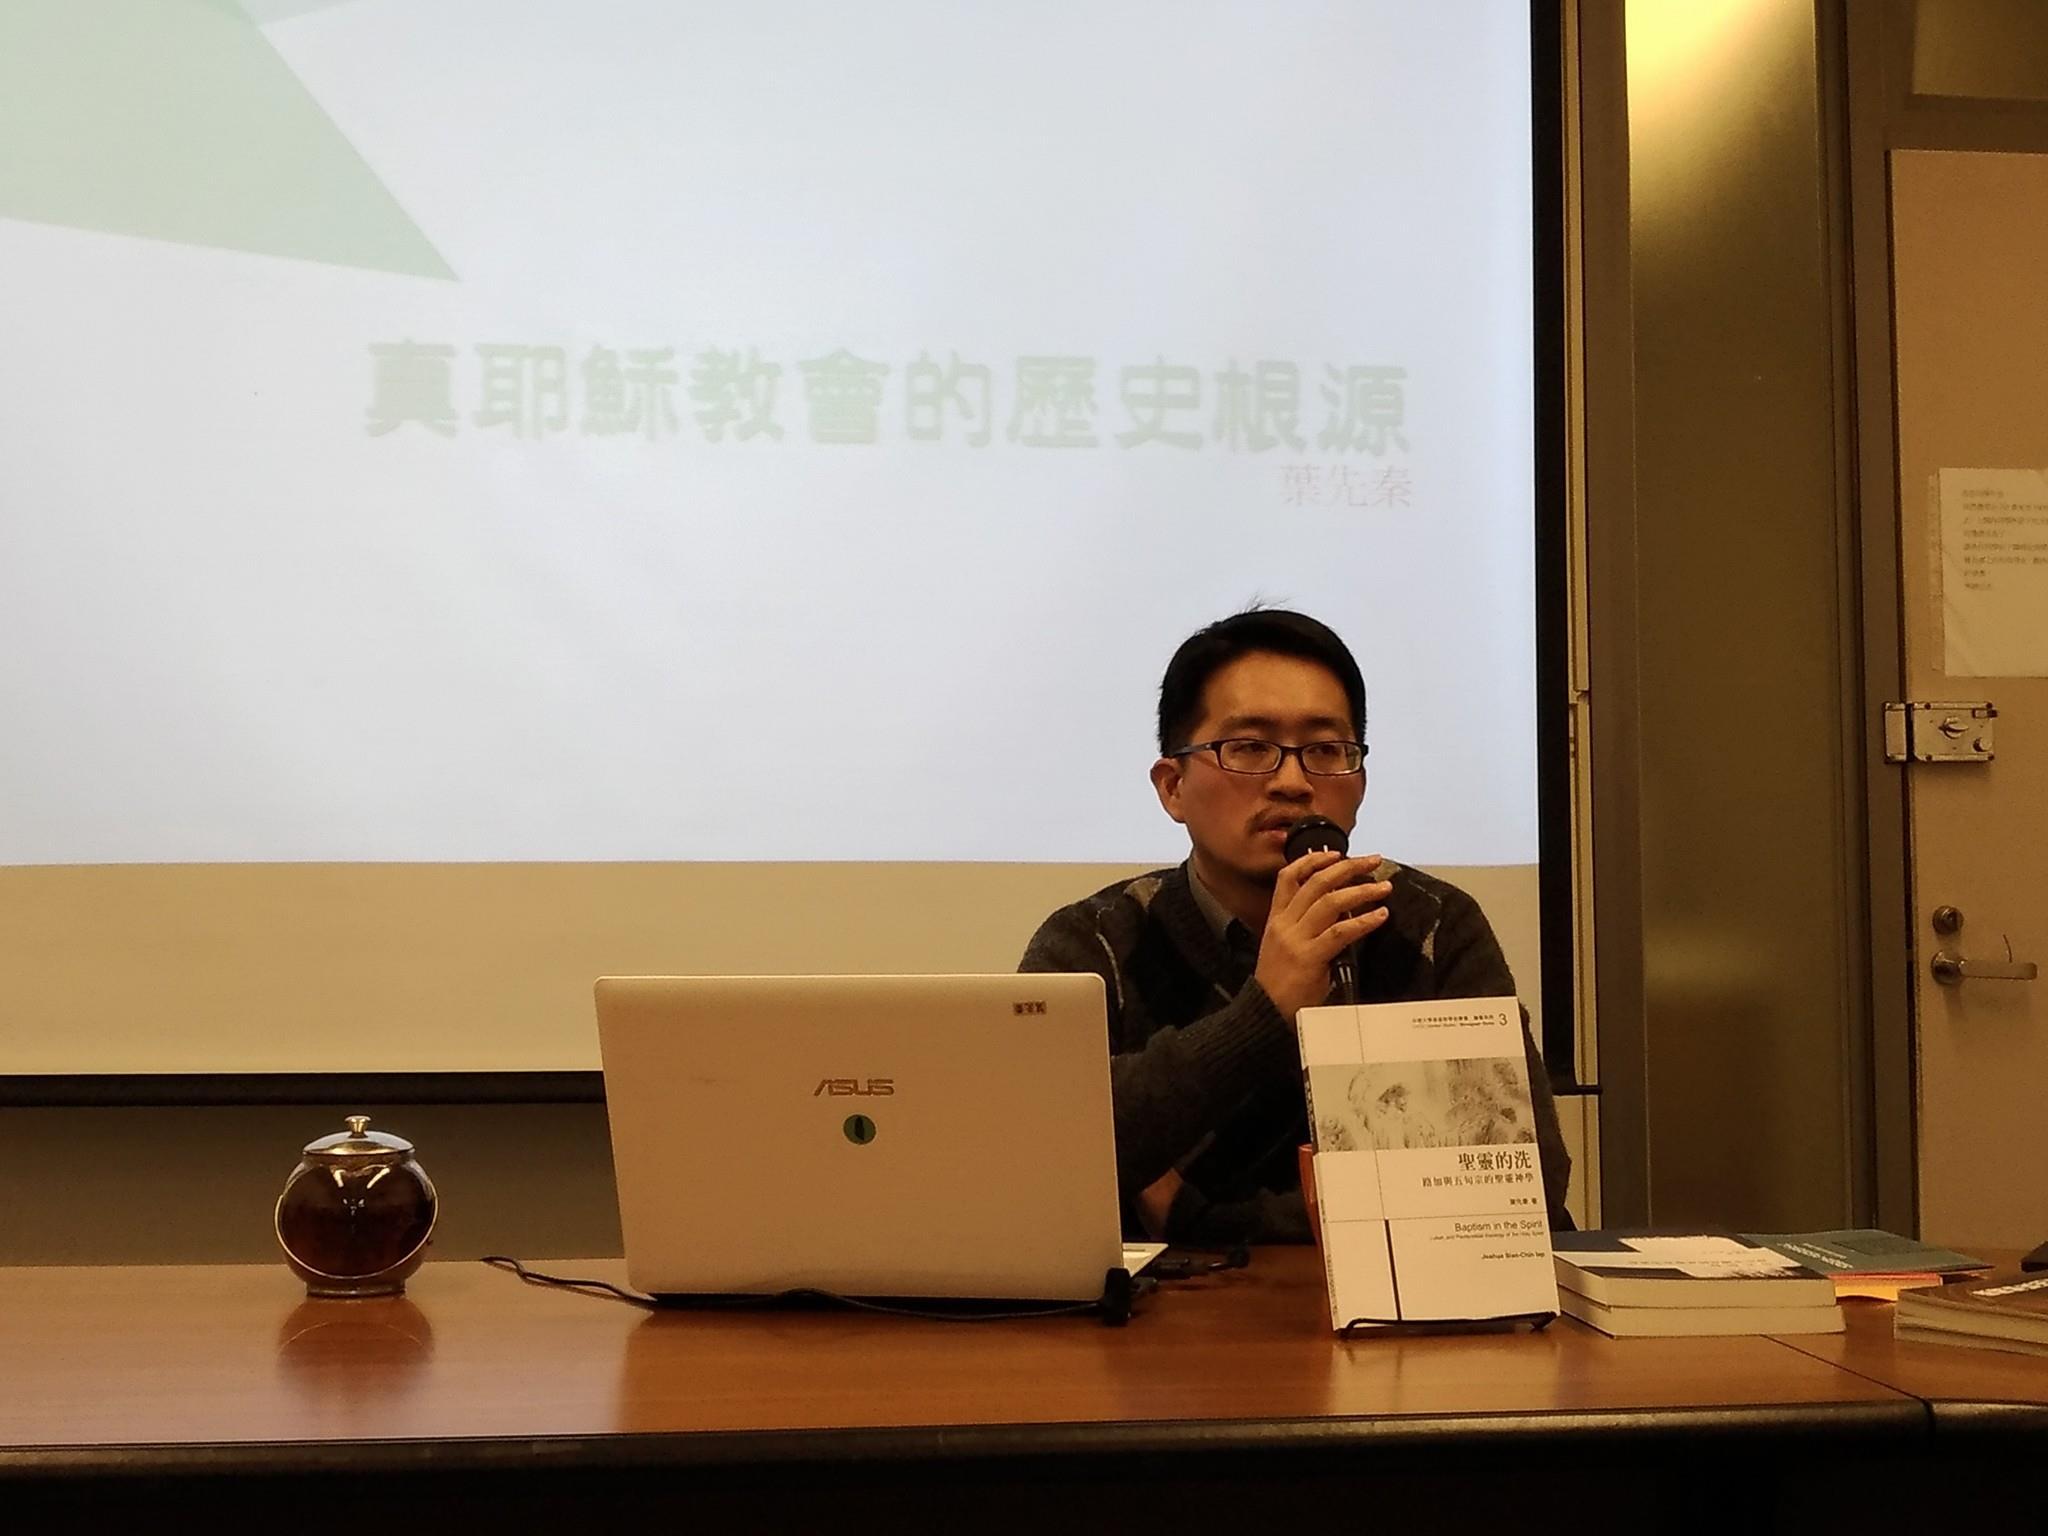 葉先秦博士對「真耶穌教會的歷史根源」演講的會後感想 – 中原大學基督教與華人文化社會研究中心